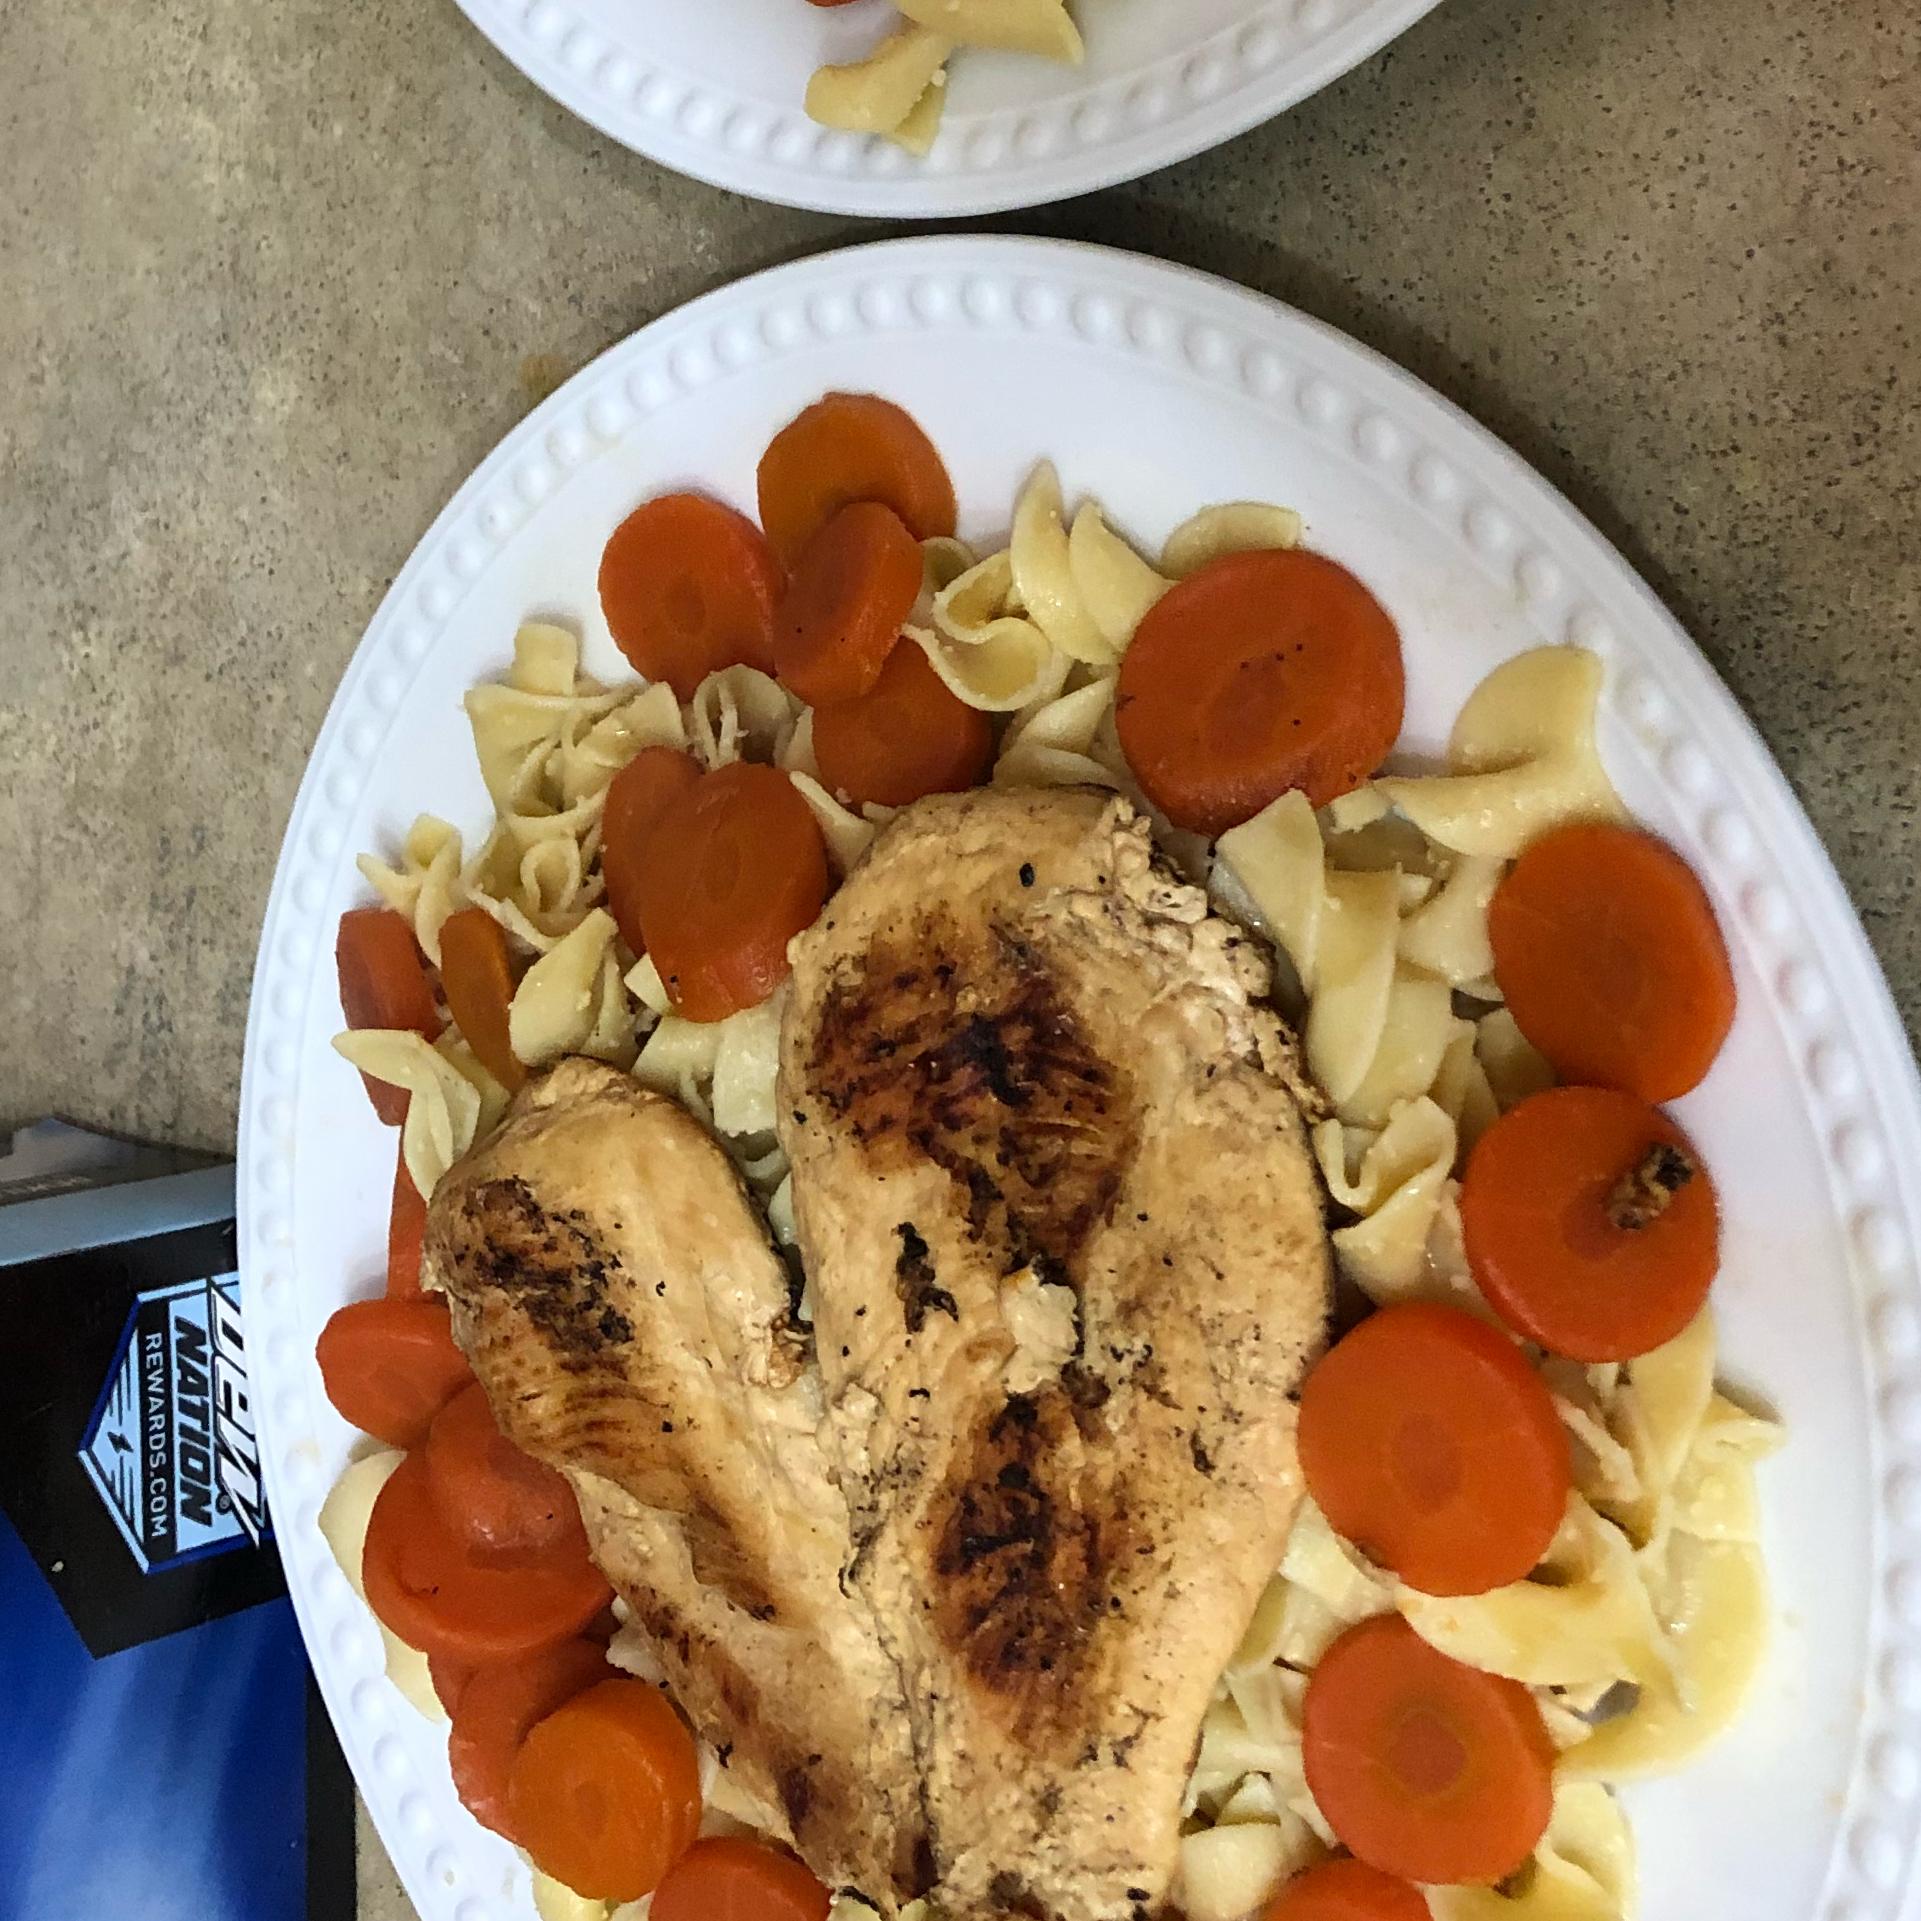 Golden Chicken with Noodles from Birds Eye(R) Bird's Eye